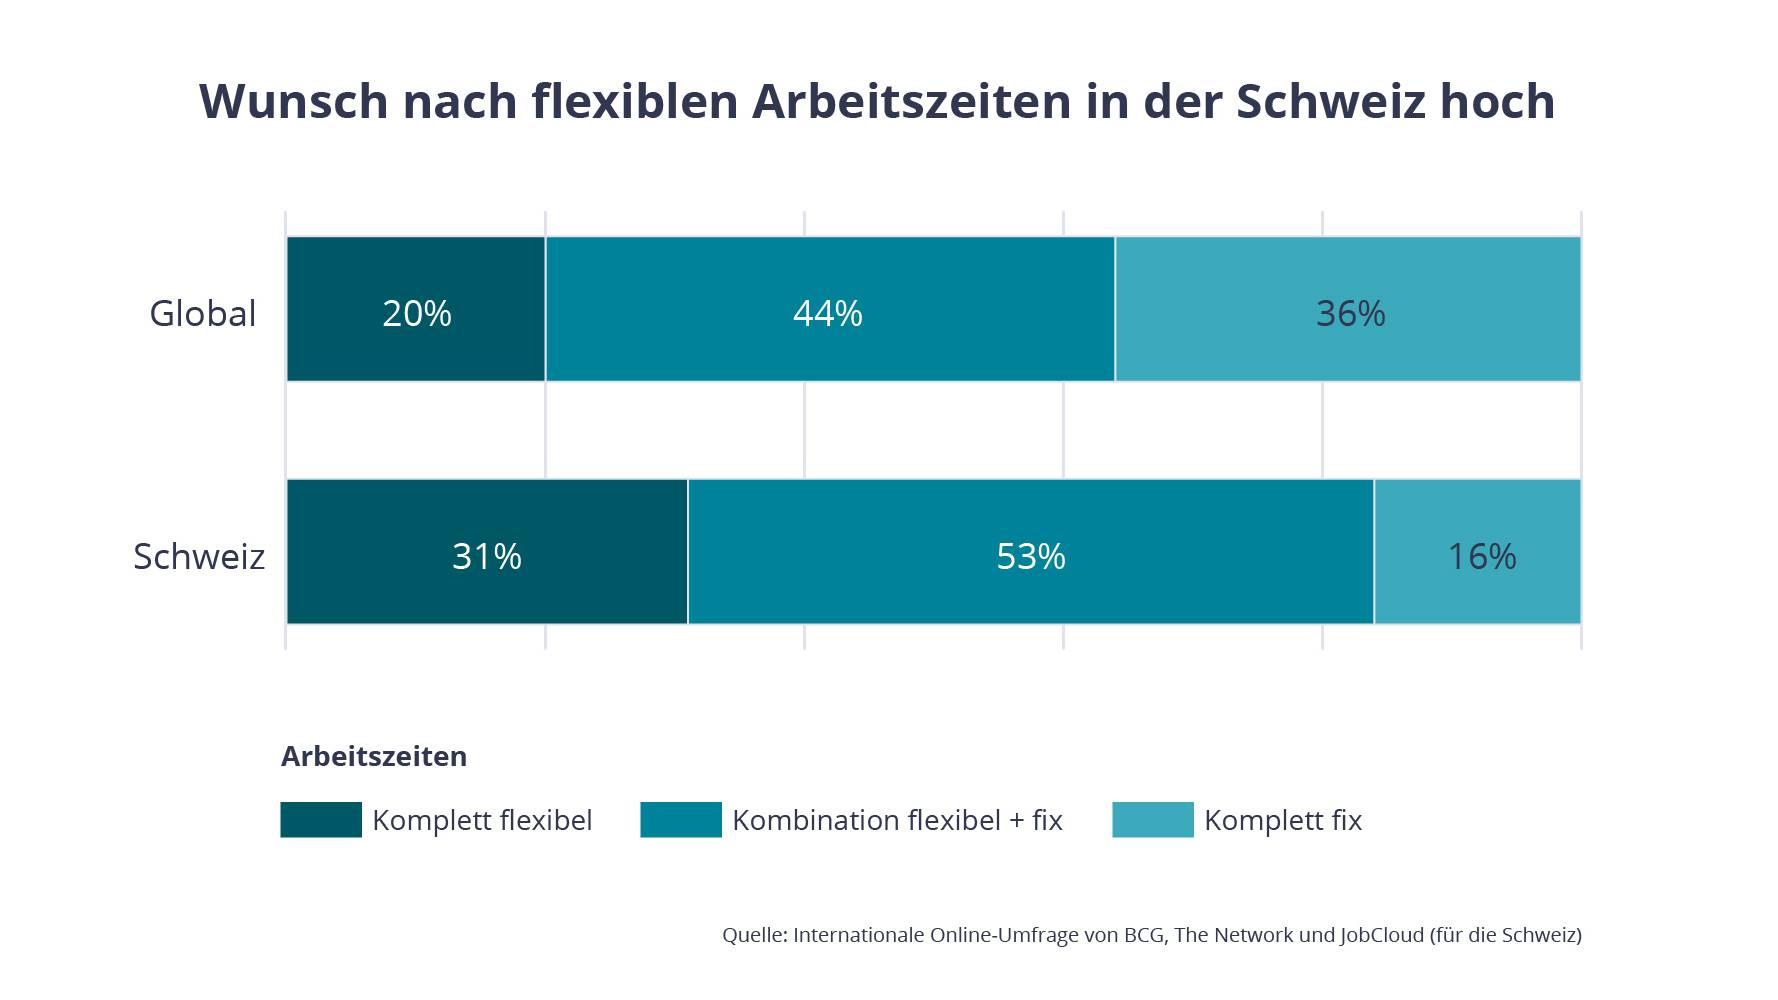 Wunsch nach flexiblen Arbeitszeiten in der Schweiz hoch